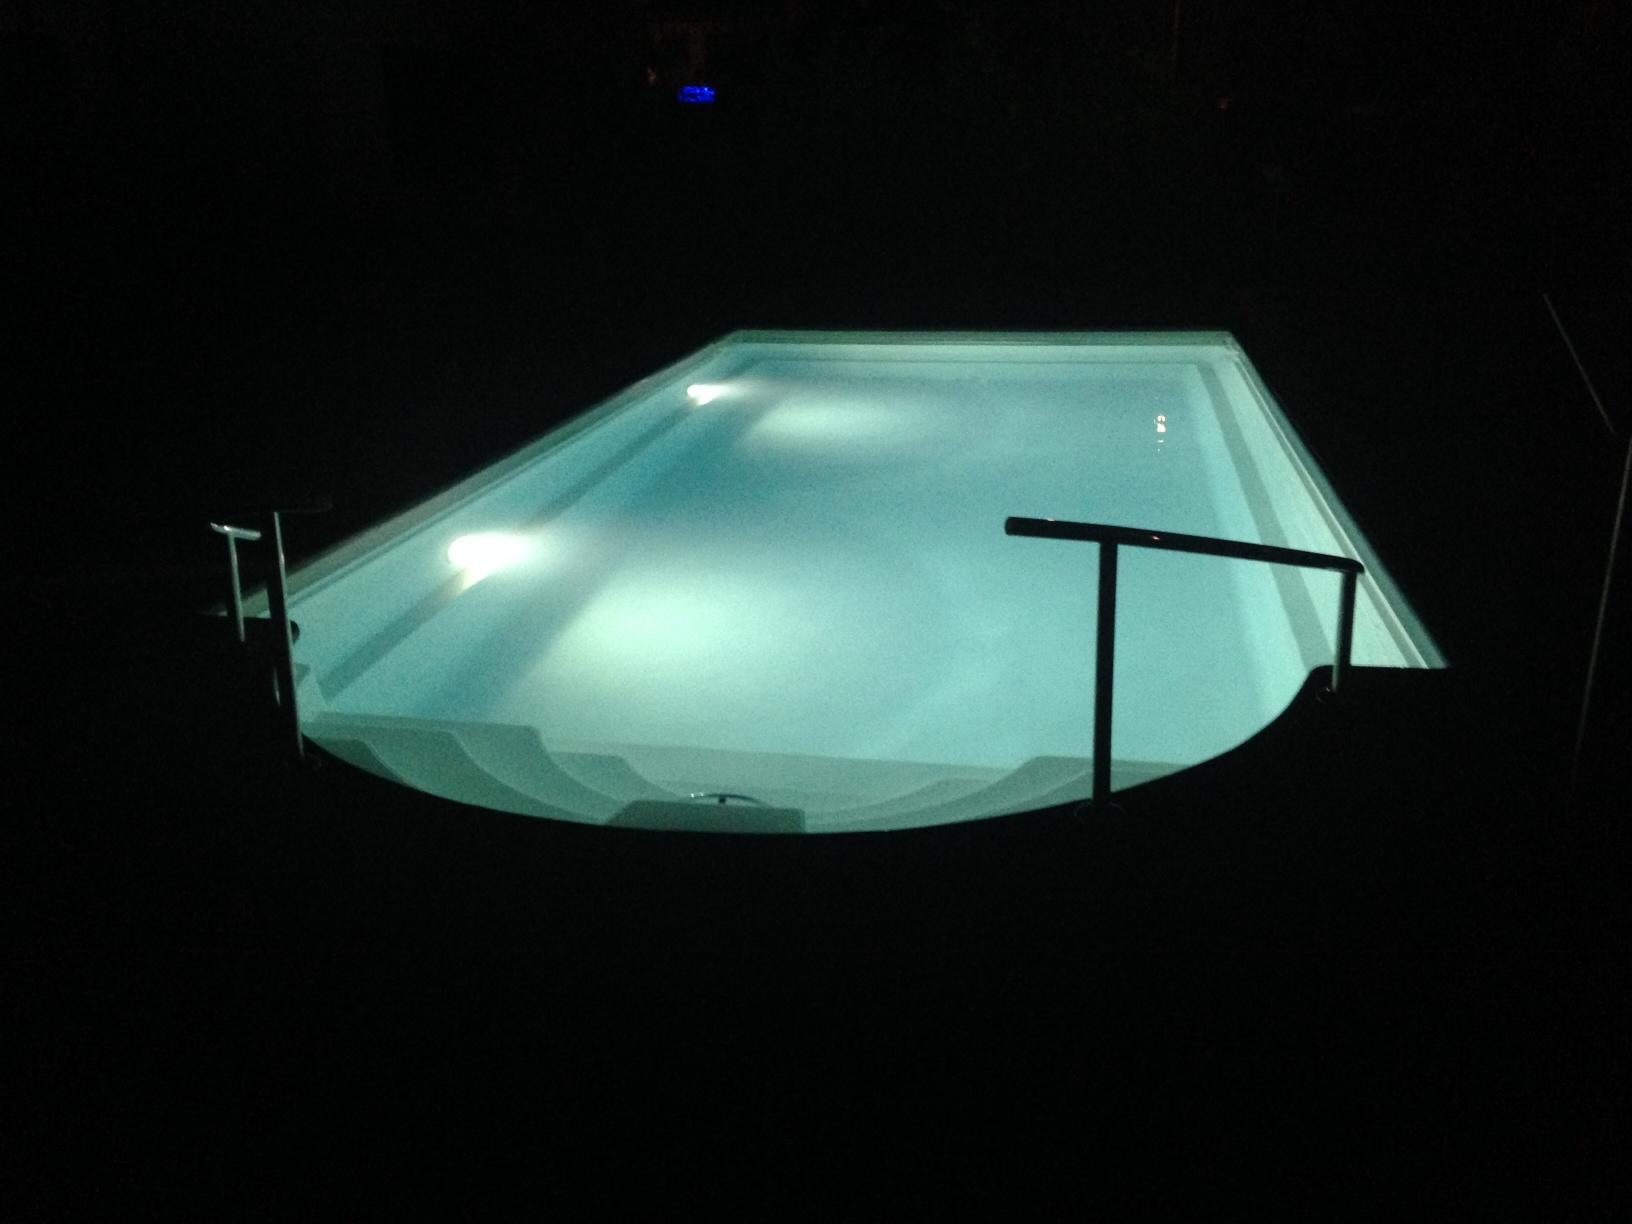 unterwasserbeleuchtung im pool sorgt f r eine angenehme atmosph re. Black Bedroom Furniture Sets. Home Design Ideas